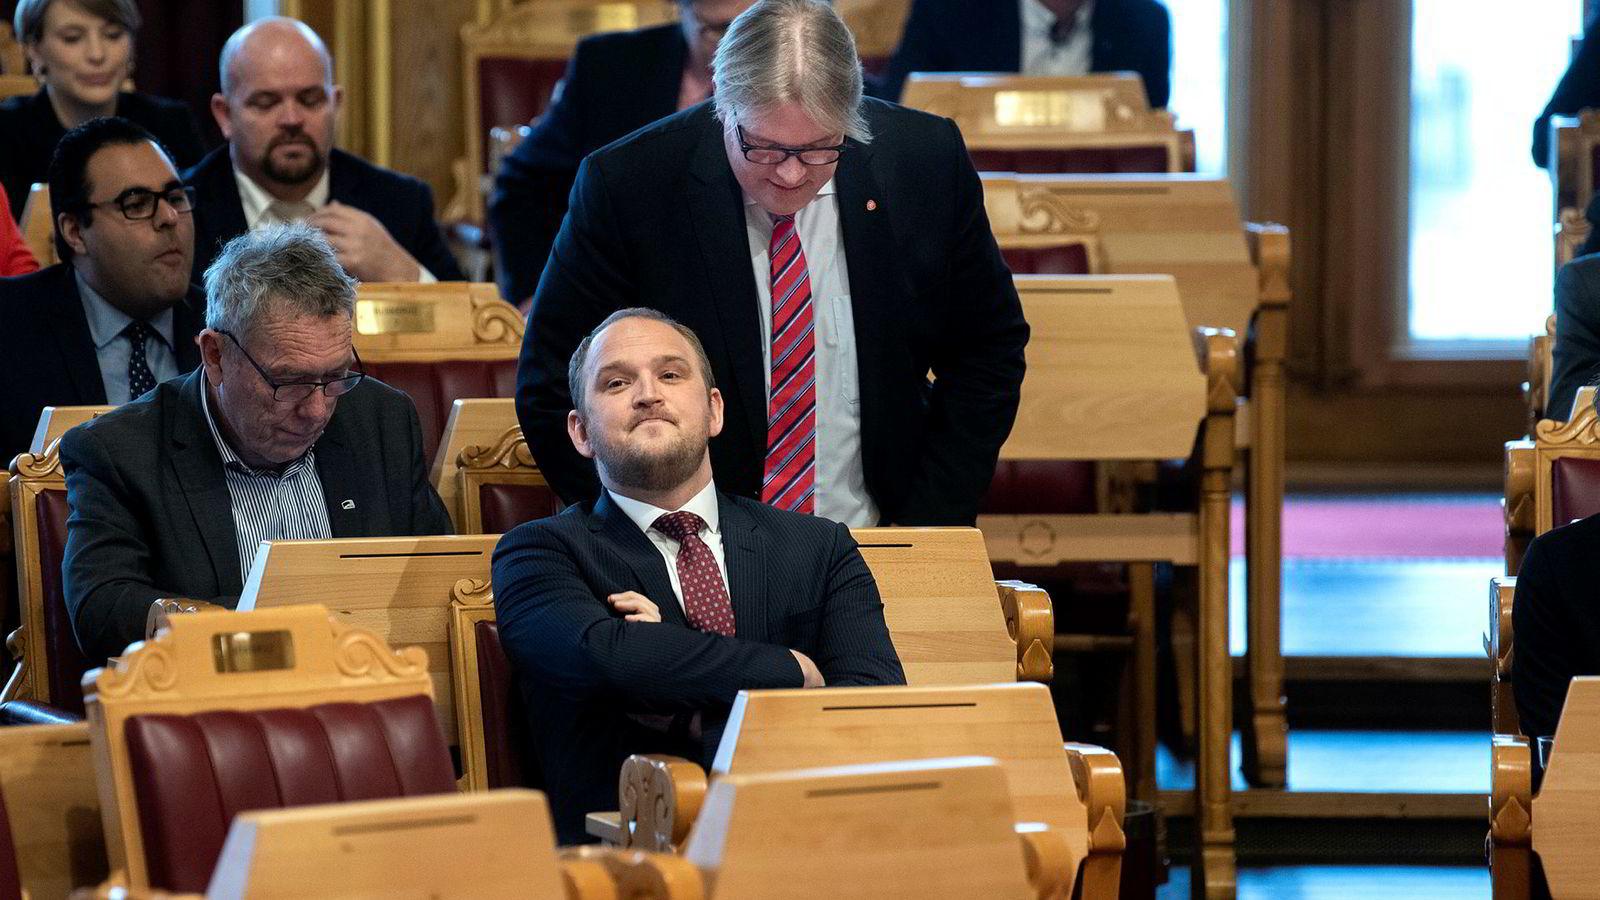 Arbeiderpartiets Sverre Myrli, her i stående positur, har sittet på Stortinget i 18 av de 130 årene NSB har hatt navnet NSB. Onsdag stilte han spørsmål til samferdselsminister Jon Georg Dale om NSBs nye navn Vy.